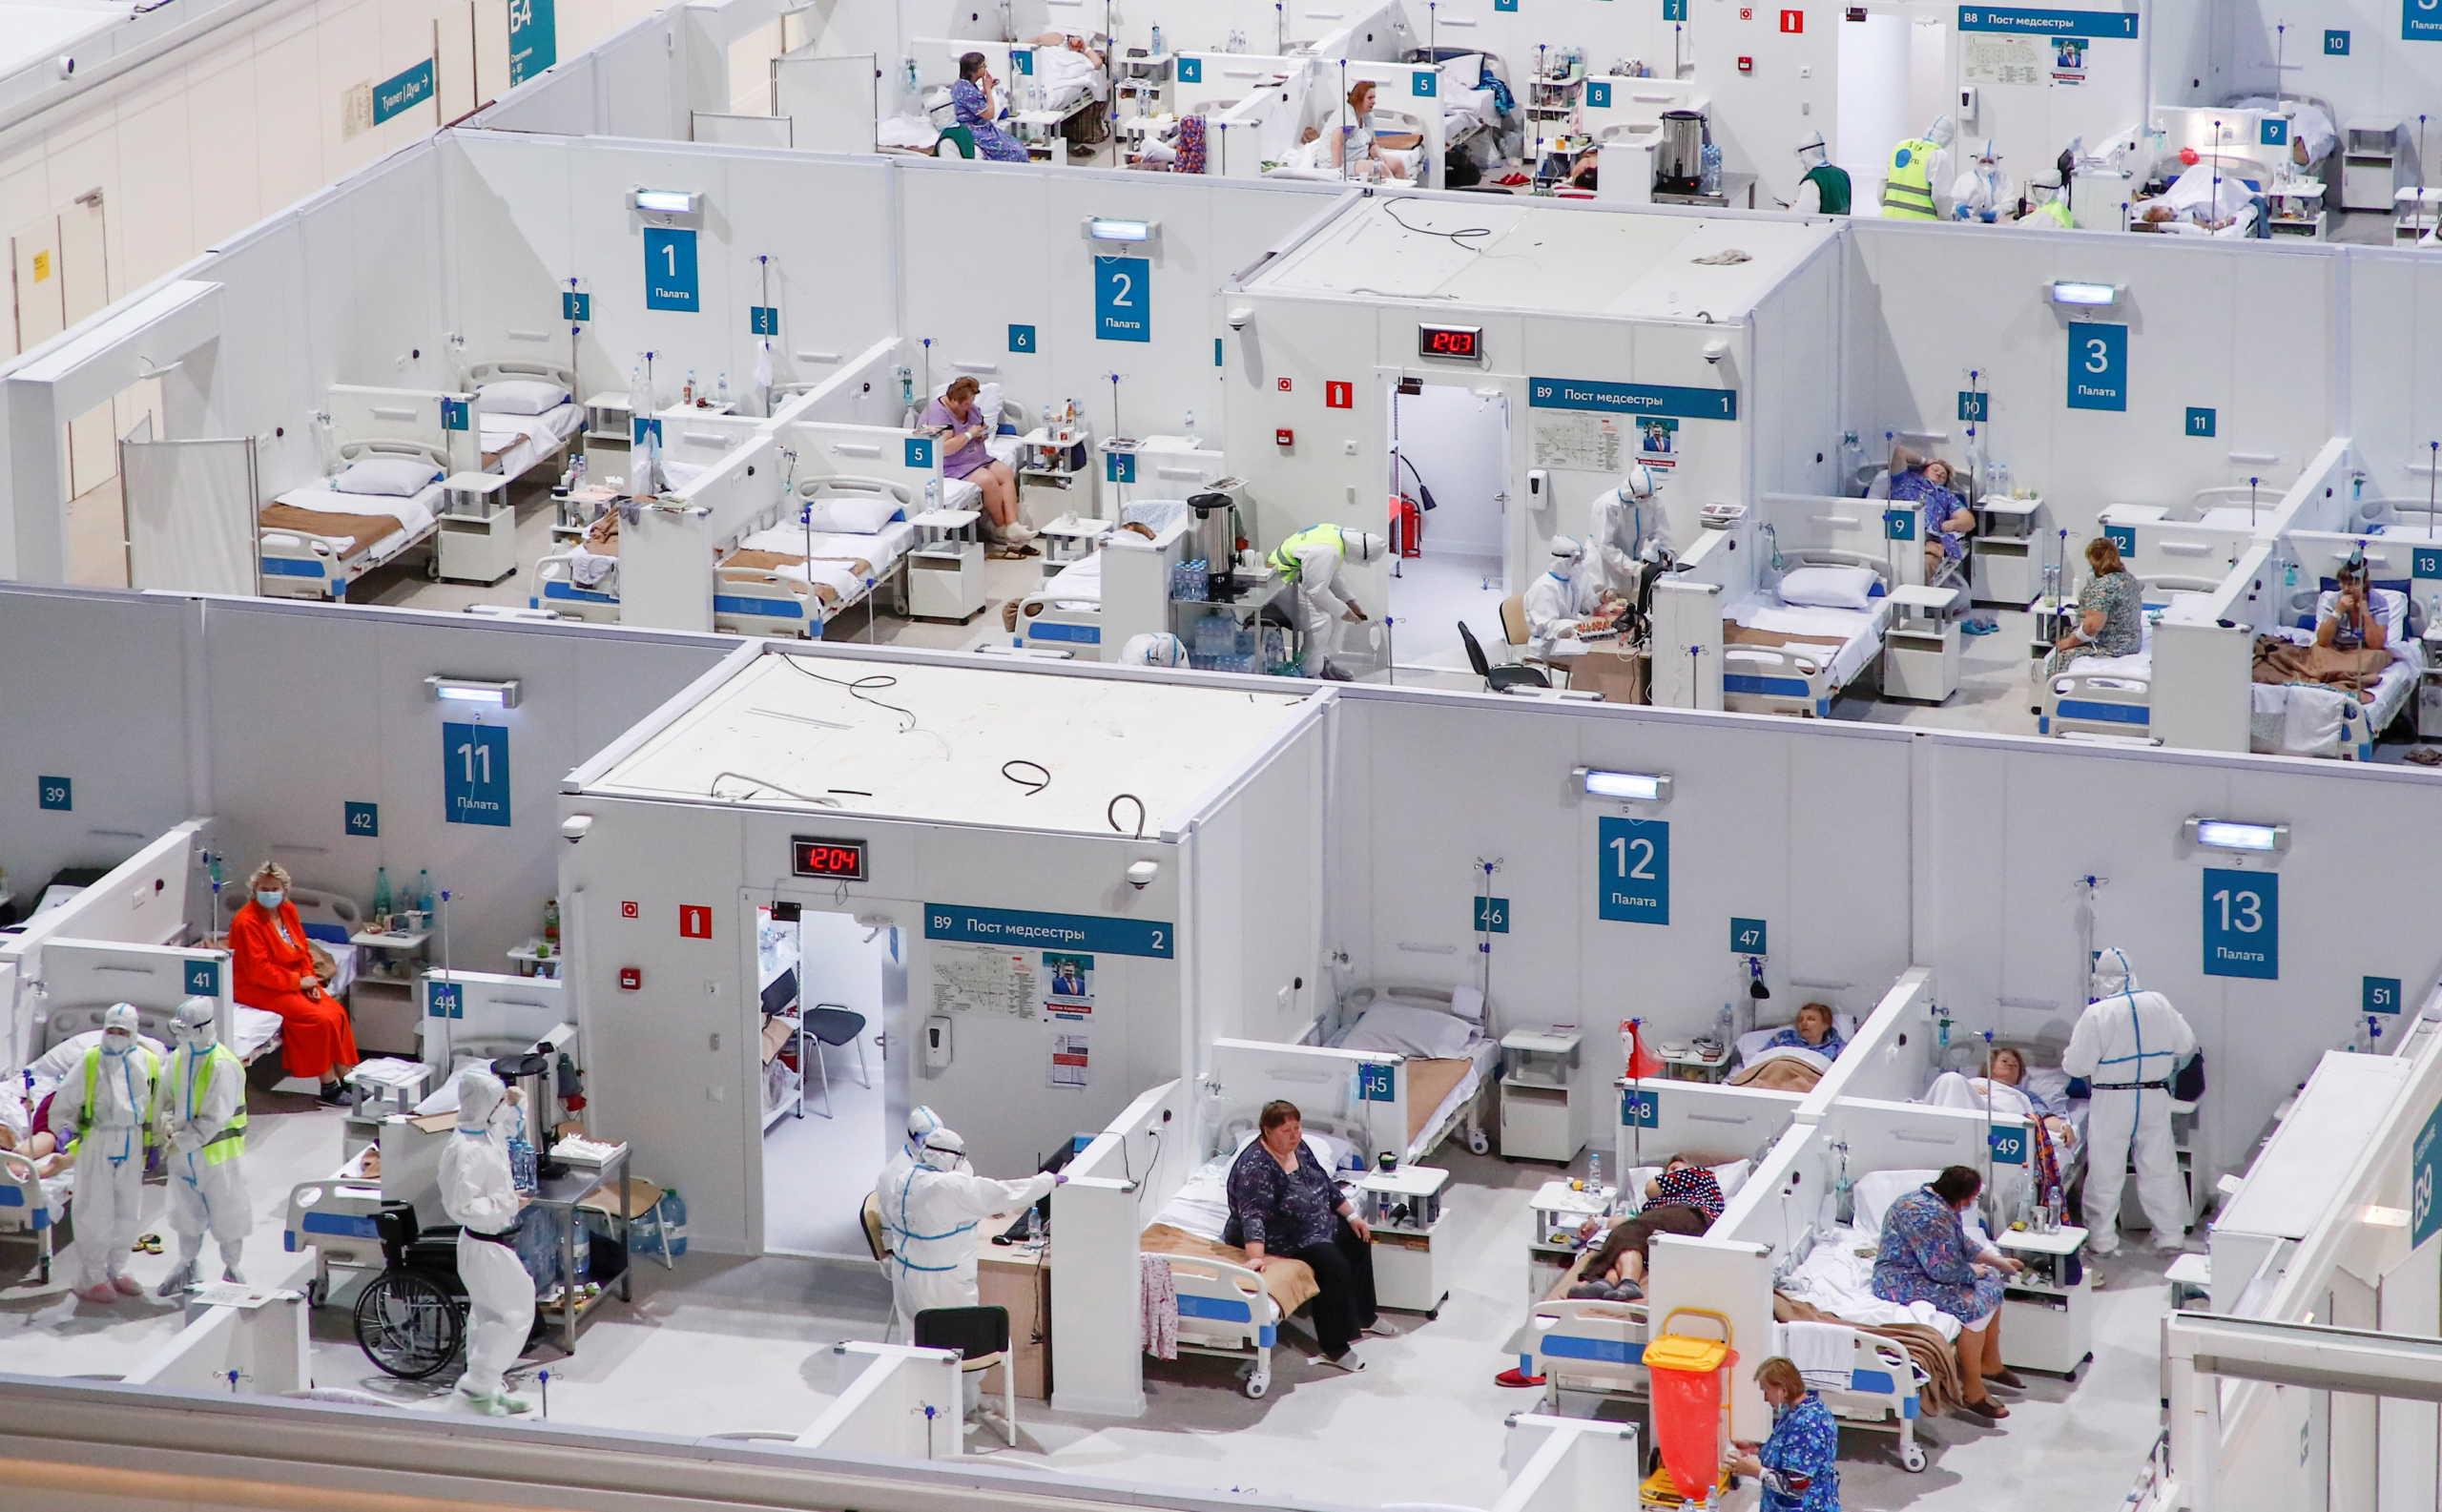 Ρωσία παγοδρόμιο γίνεται νοσοκομείο για κορονοϊό